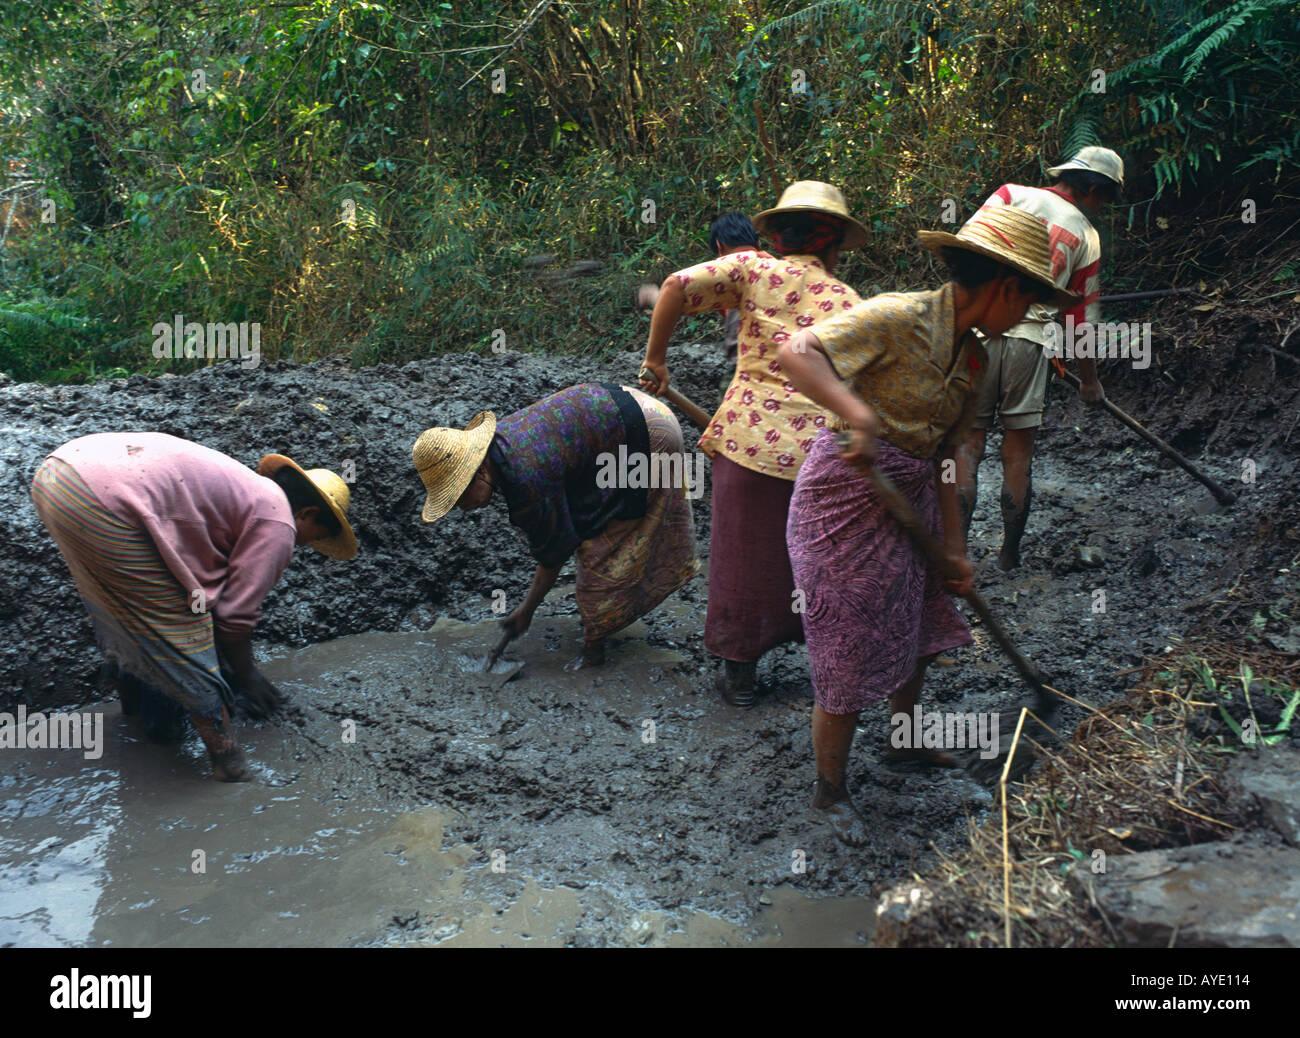 Myanmar Burma Shan State women at work digging in mud at water